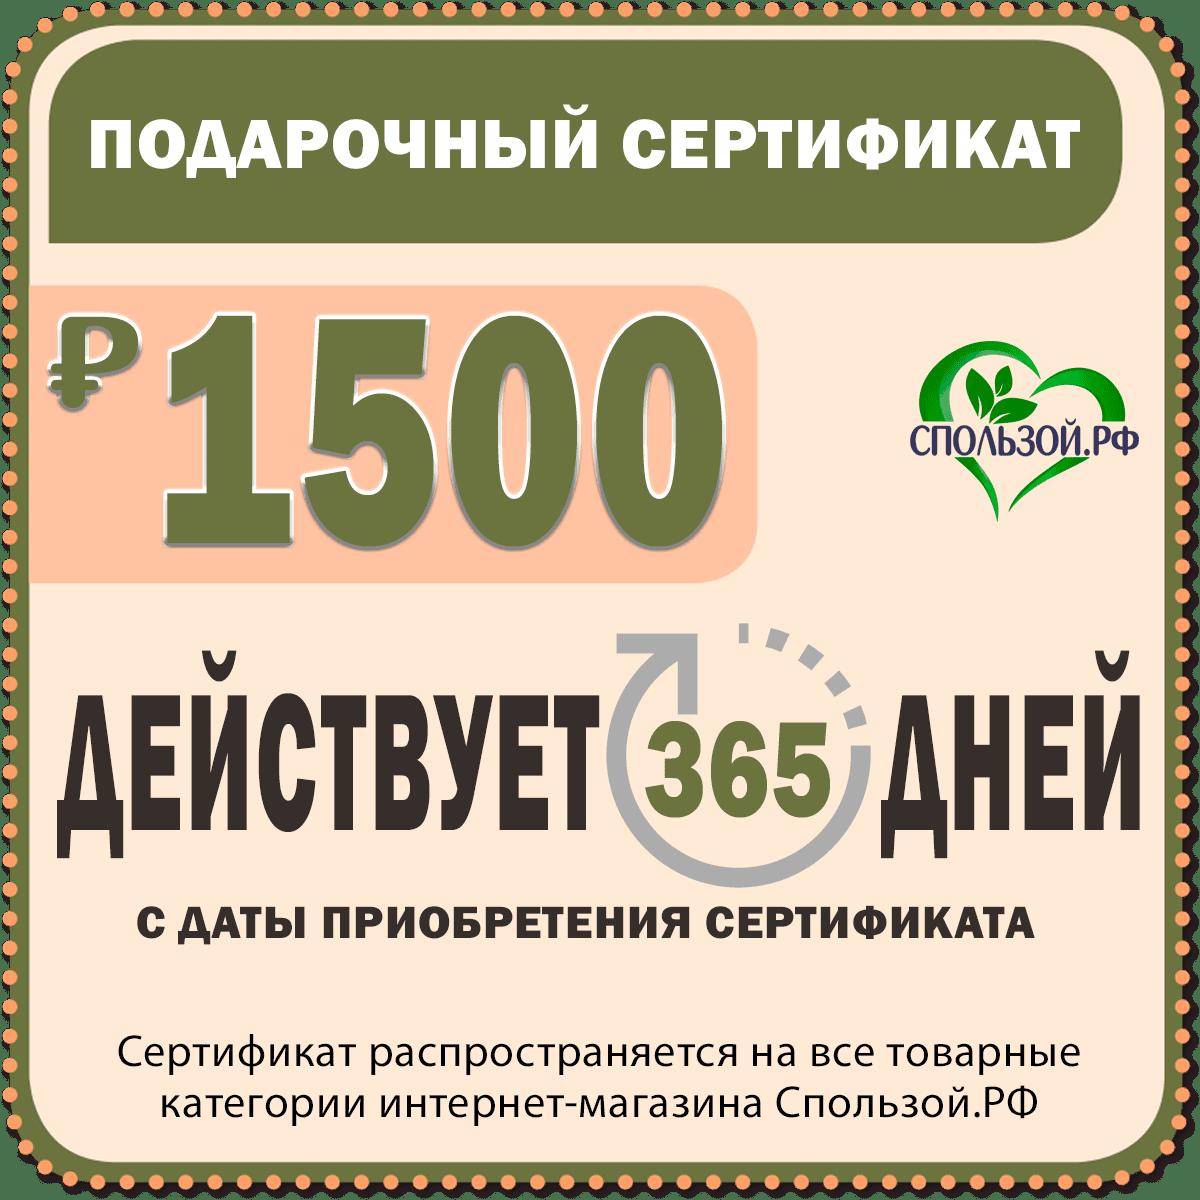 discount certificate 1500 rubles